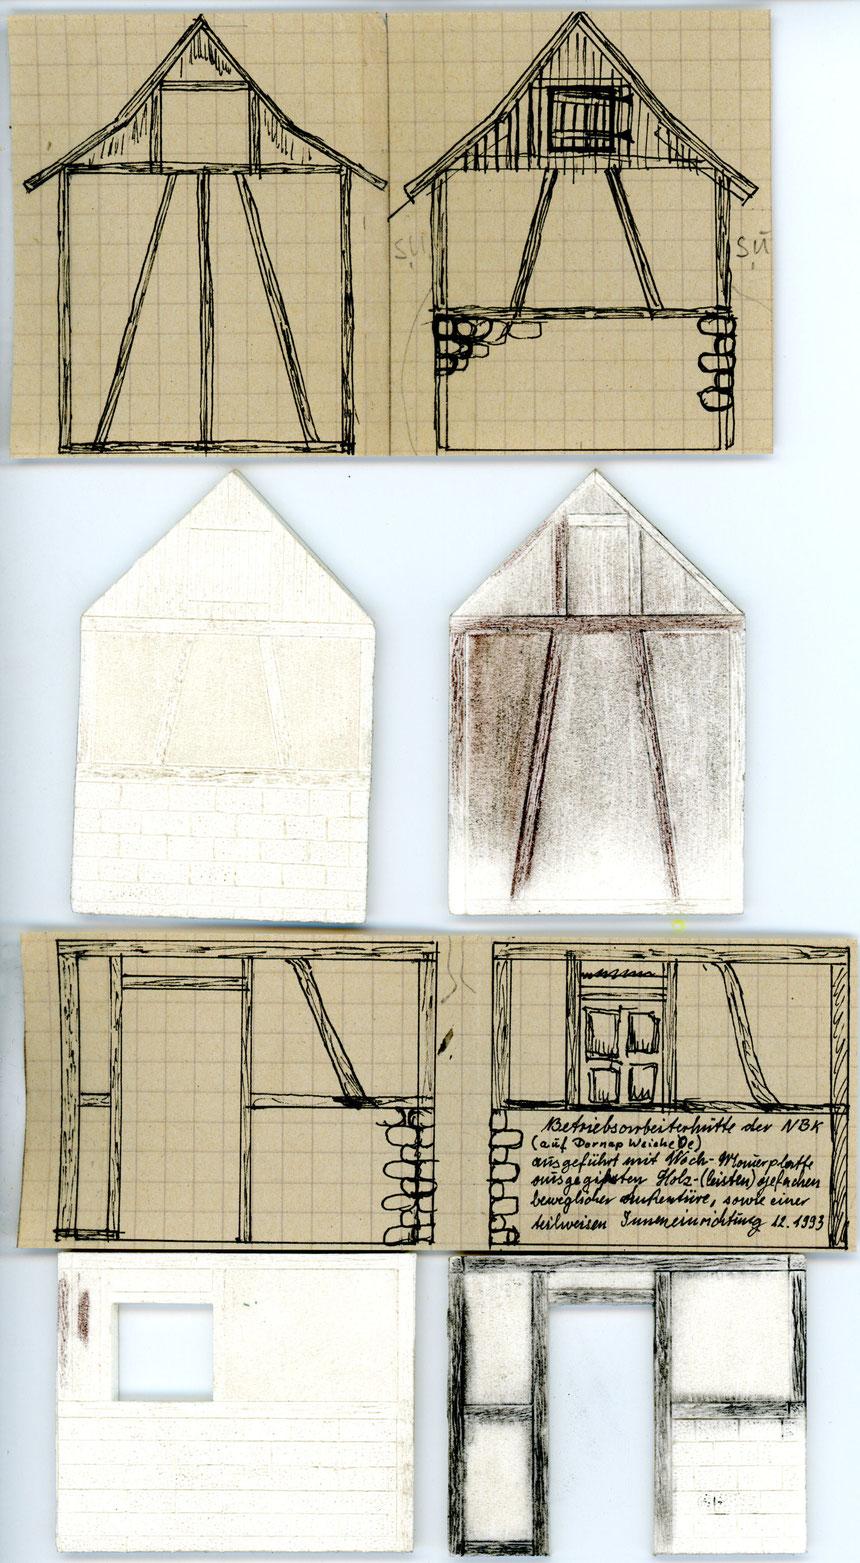 Der Scan zeigt sowohl die antquarische Konstruktionszeichnung, als auch die Hartschaumplatten.